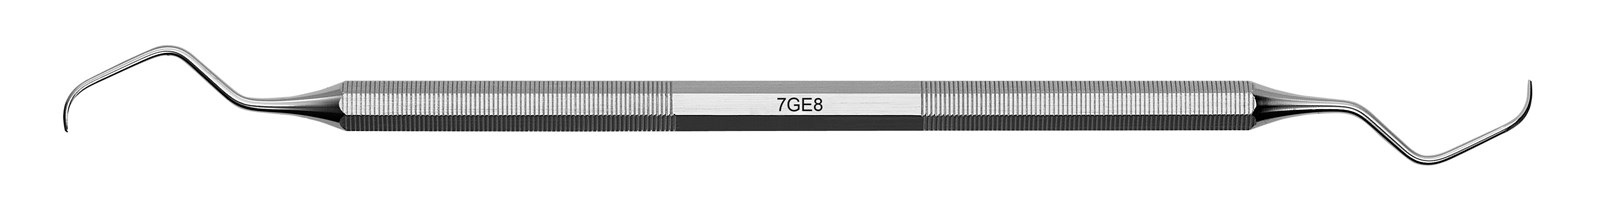 Kyreta Gracey Classic - 7GE8, ADEP silikonový návlek šedý